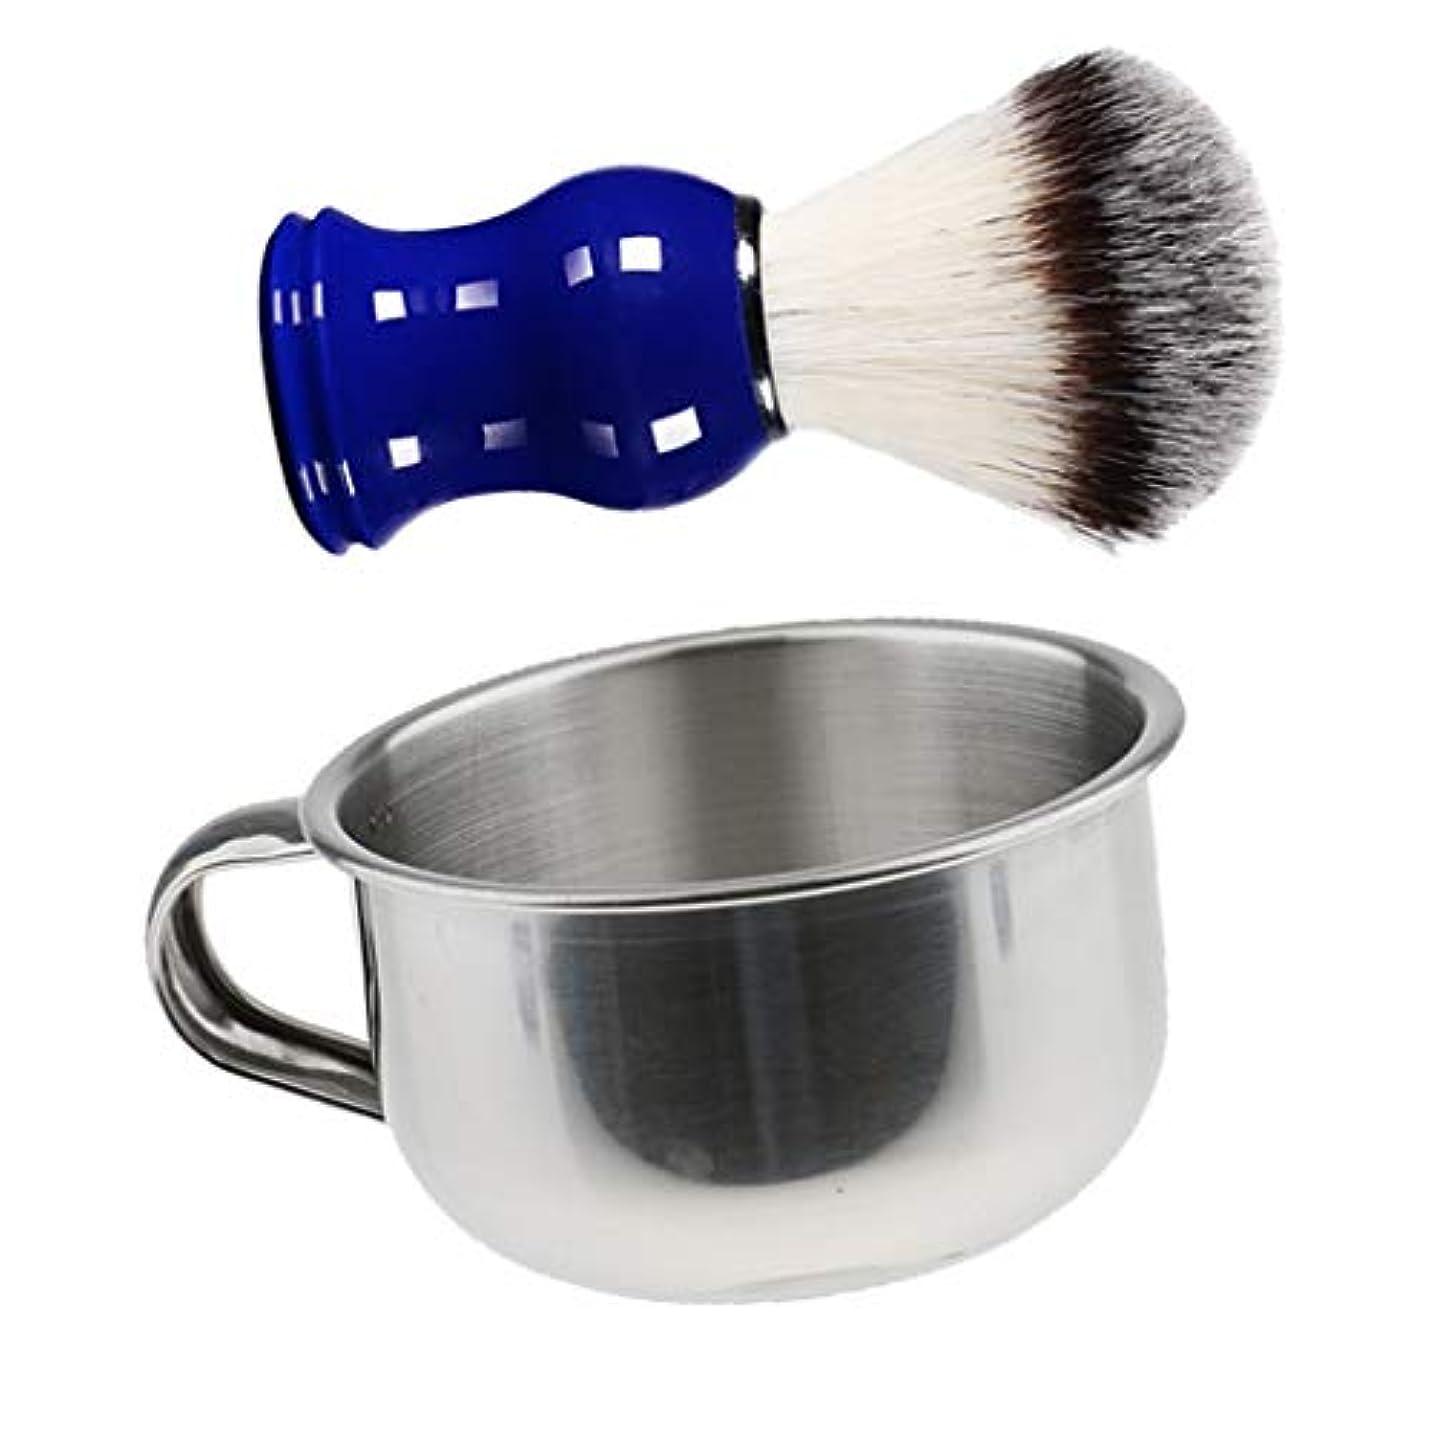 ネット佐賀祭りメンズ シェービング マグ ボウル ステンレス製 シェービング用ブラシ 理容 洗顔 髭剃り 贈り物